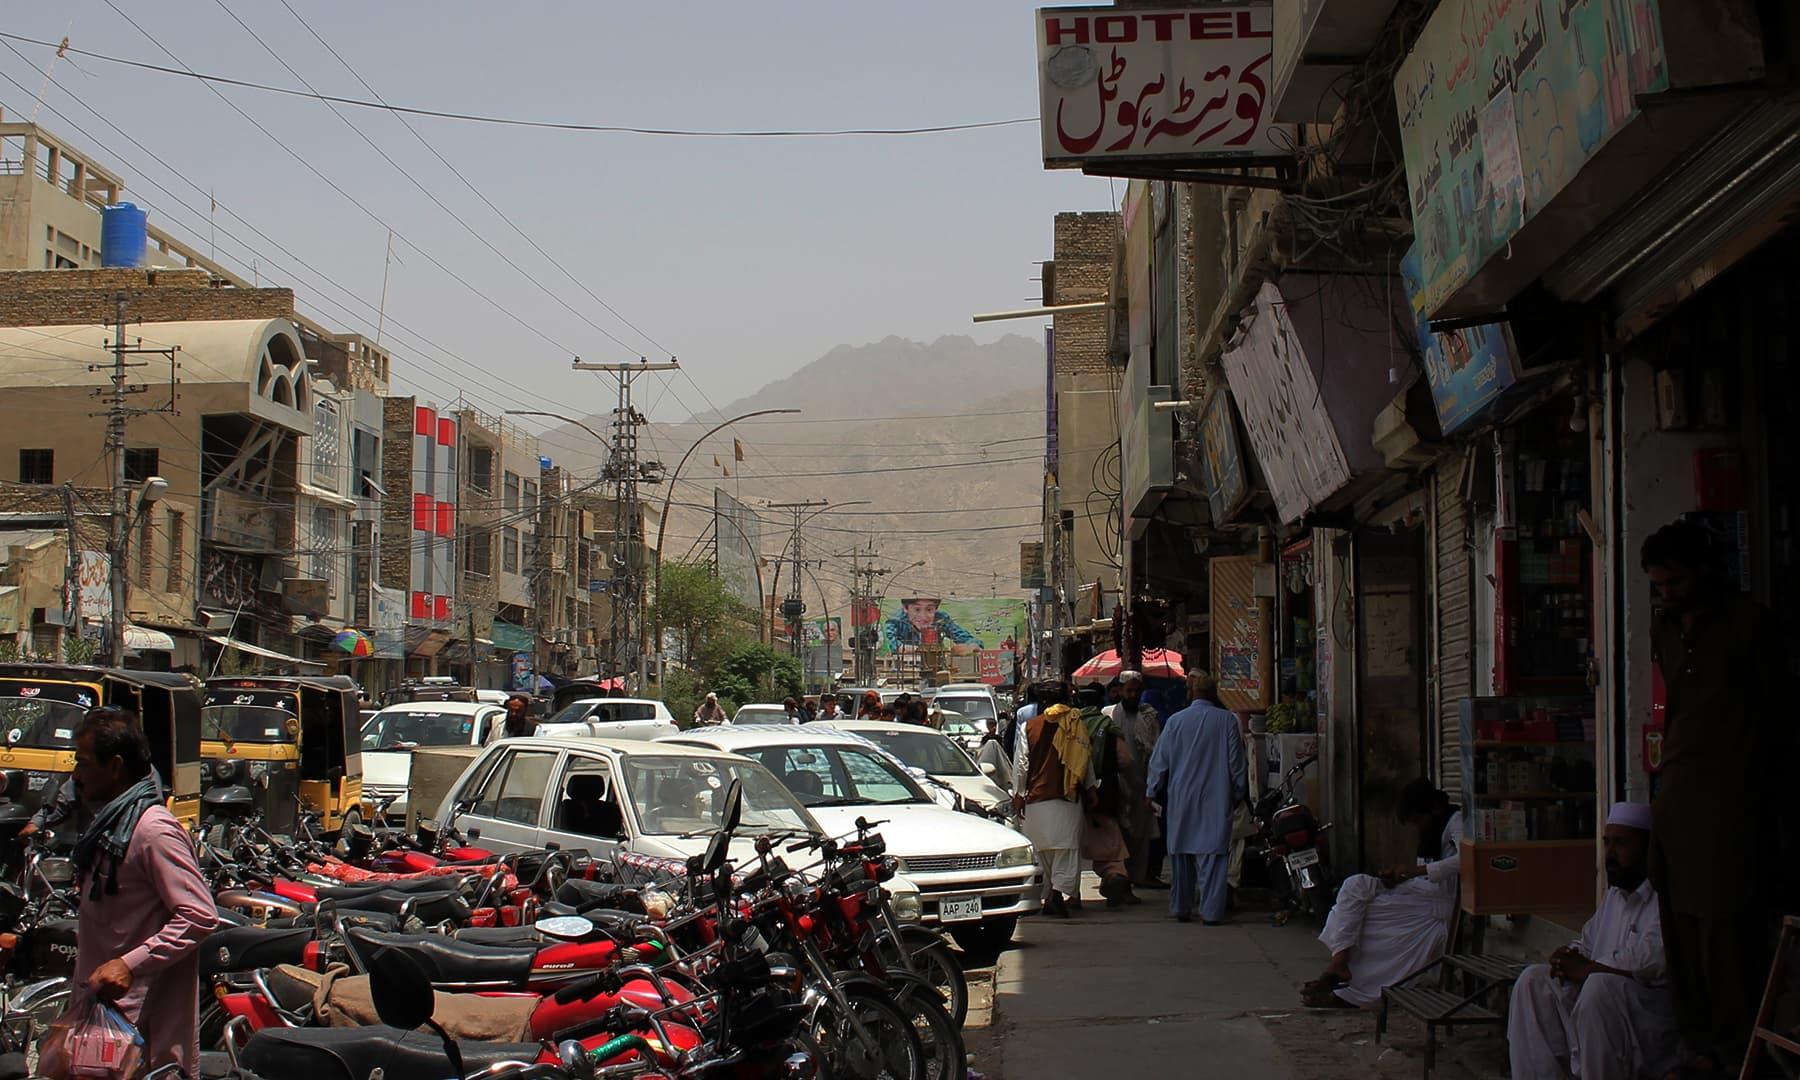 شہر کوئٹہ—تصویر عبیداللہ کیہر